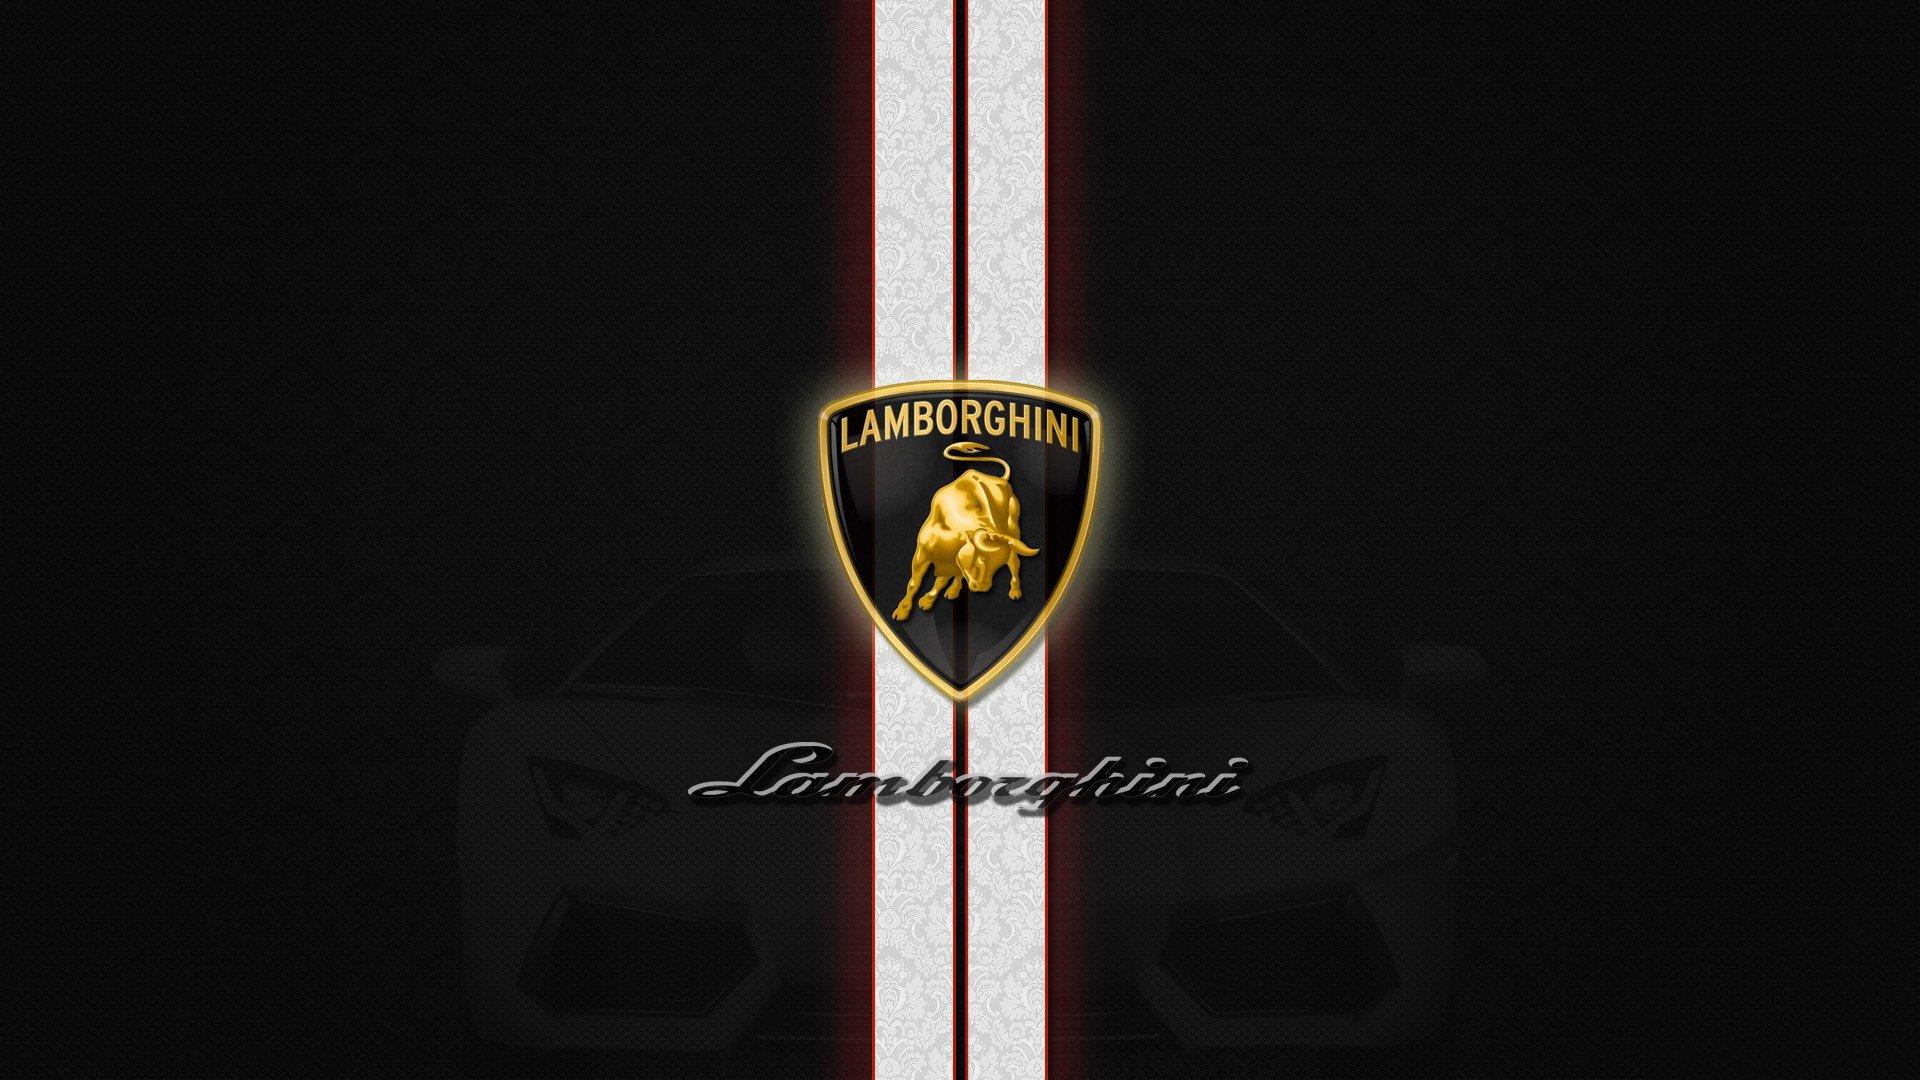 Lamborghini Hd Wallpaper Achtergrond 1920x1080 Id 256333